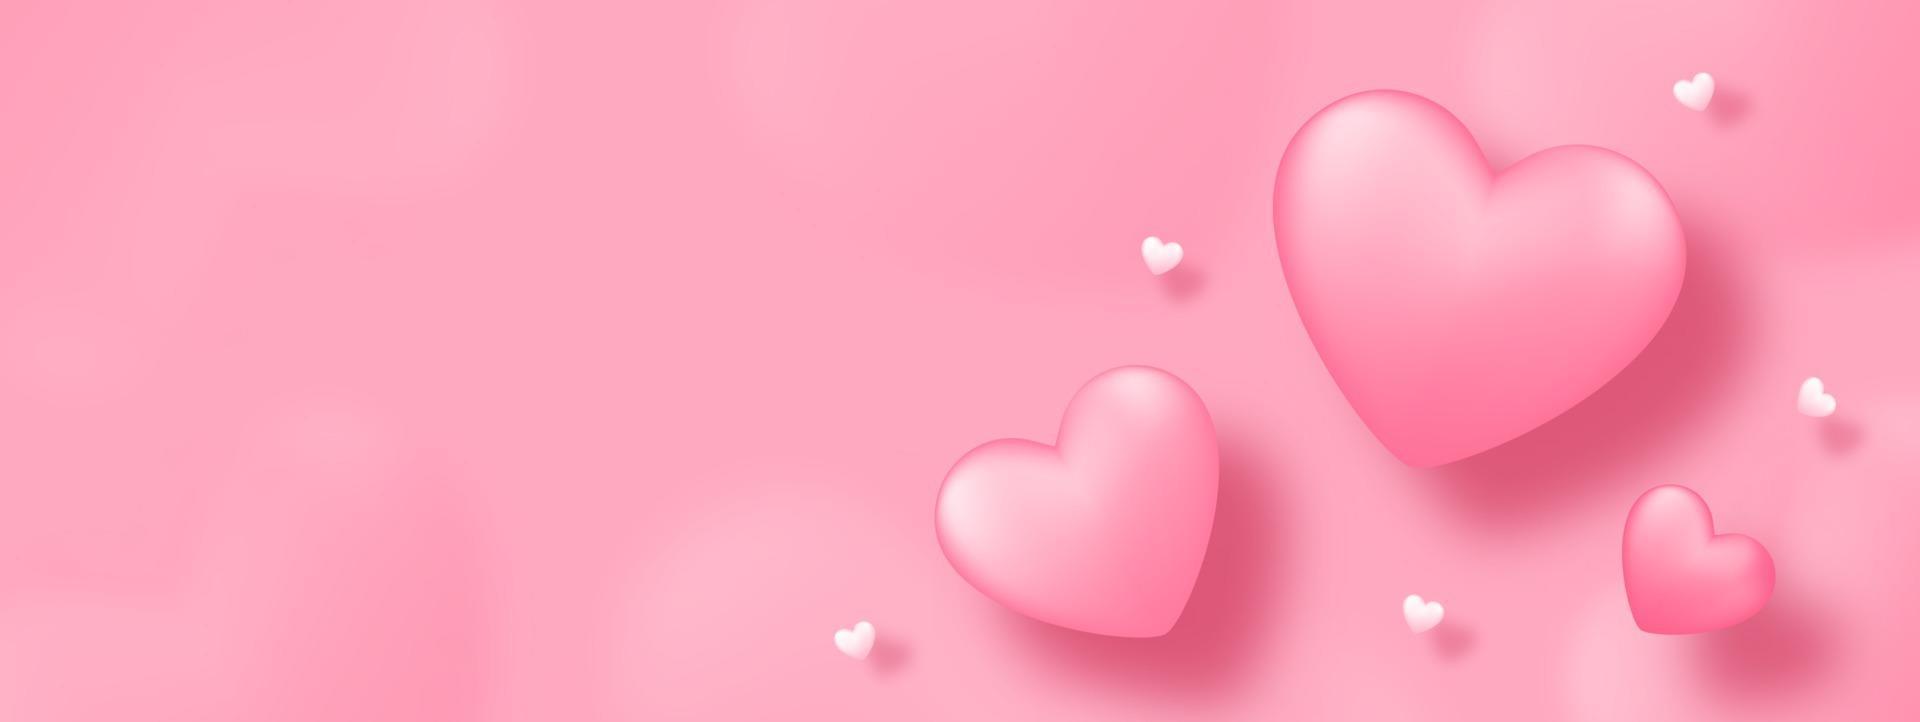 art de papier avec coeur sur fond rose. conception de concept d'amour pour la fête des mères heureuse, la Saint-Valentin, le jour de l'anniversaire. conception de modèle de bannière et de voeux. vecteur